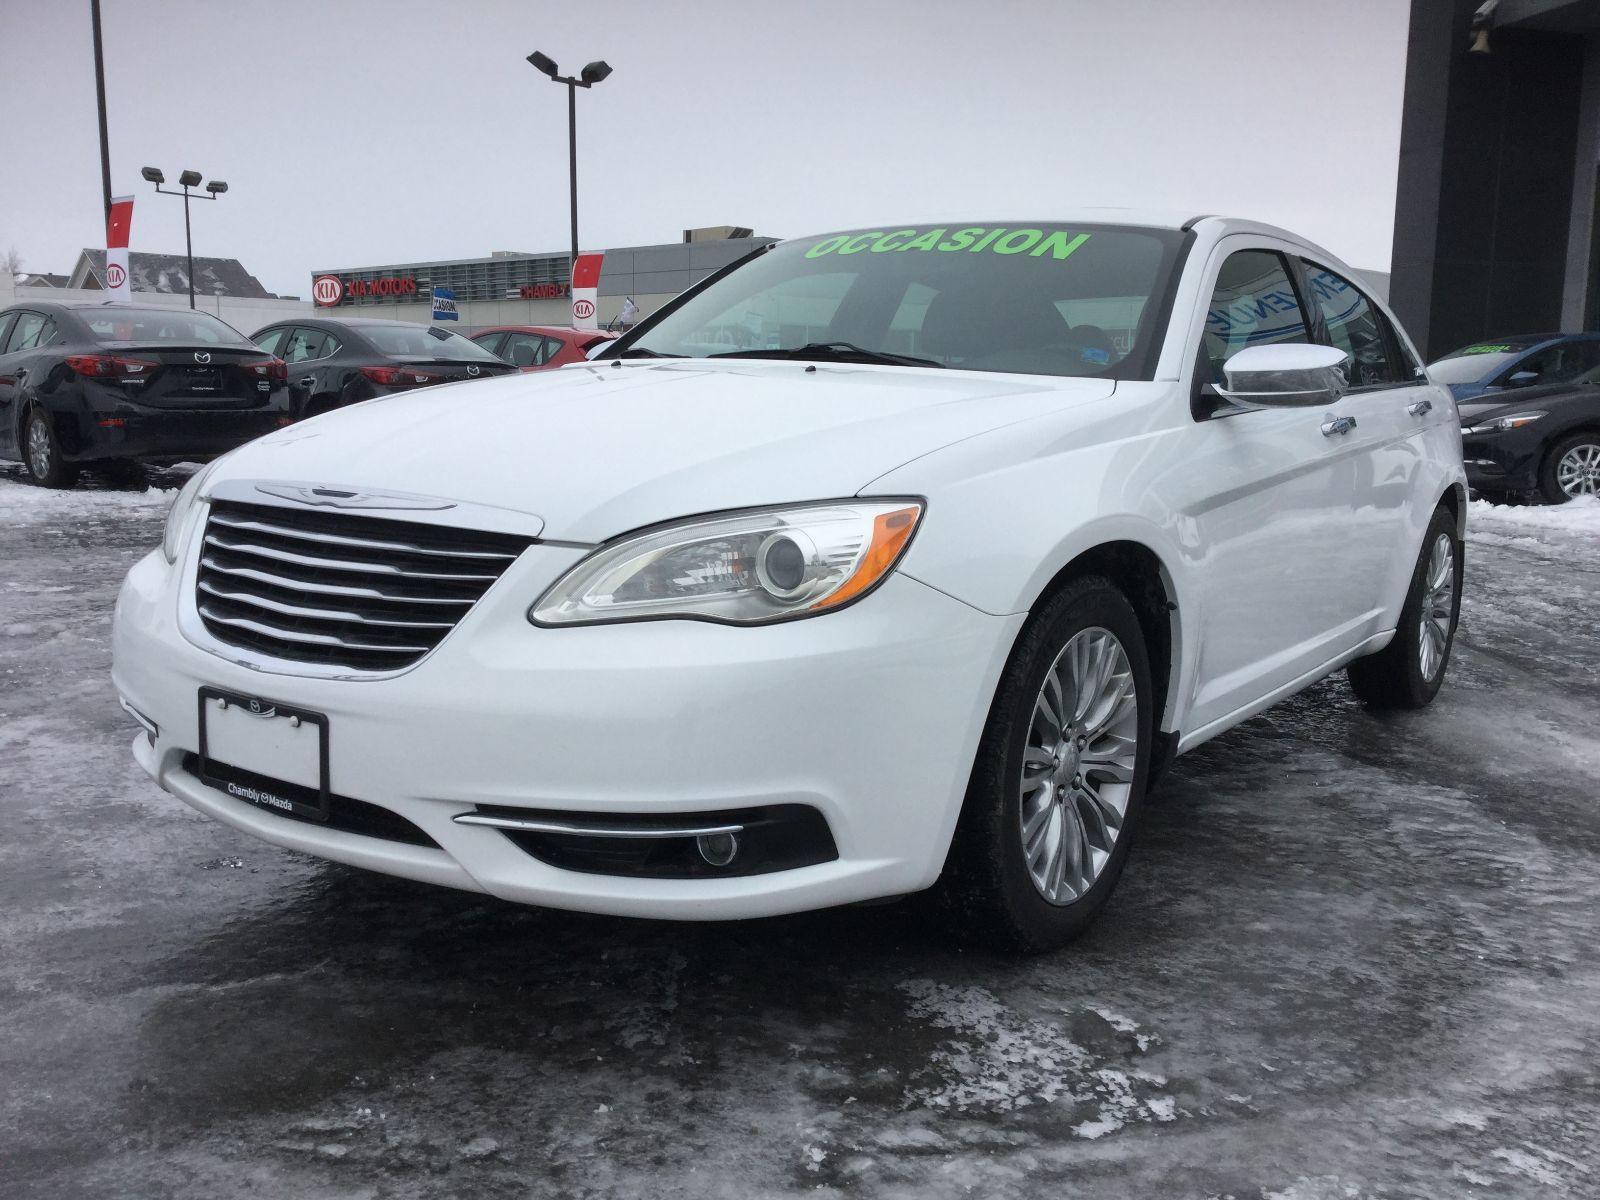 Chrysler 200 LIMITED,CUIR,MAG,BLUETOOTH,A/C 2013 JAMAIS ACCIDENTÉ, NOUVELLE ARRIVAGE